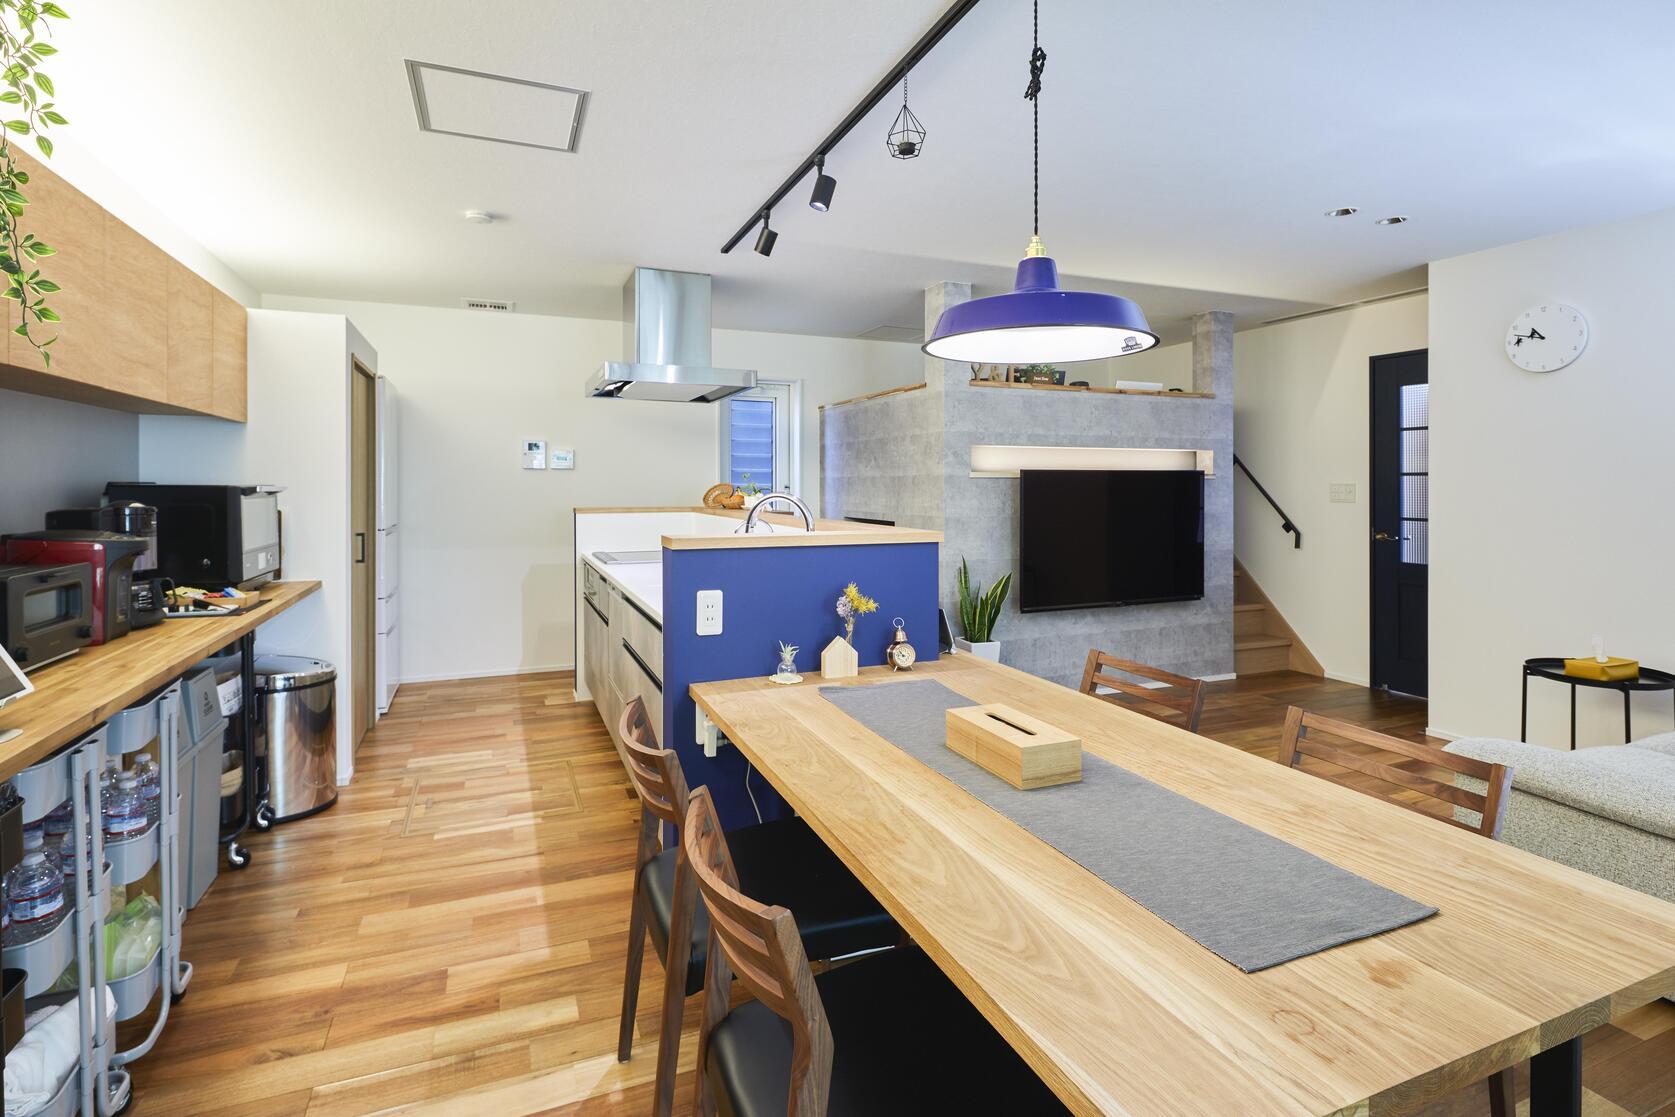 ダイニングテーブルはキッチン一体型。動線が直線的で配膳も楽に